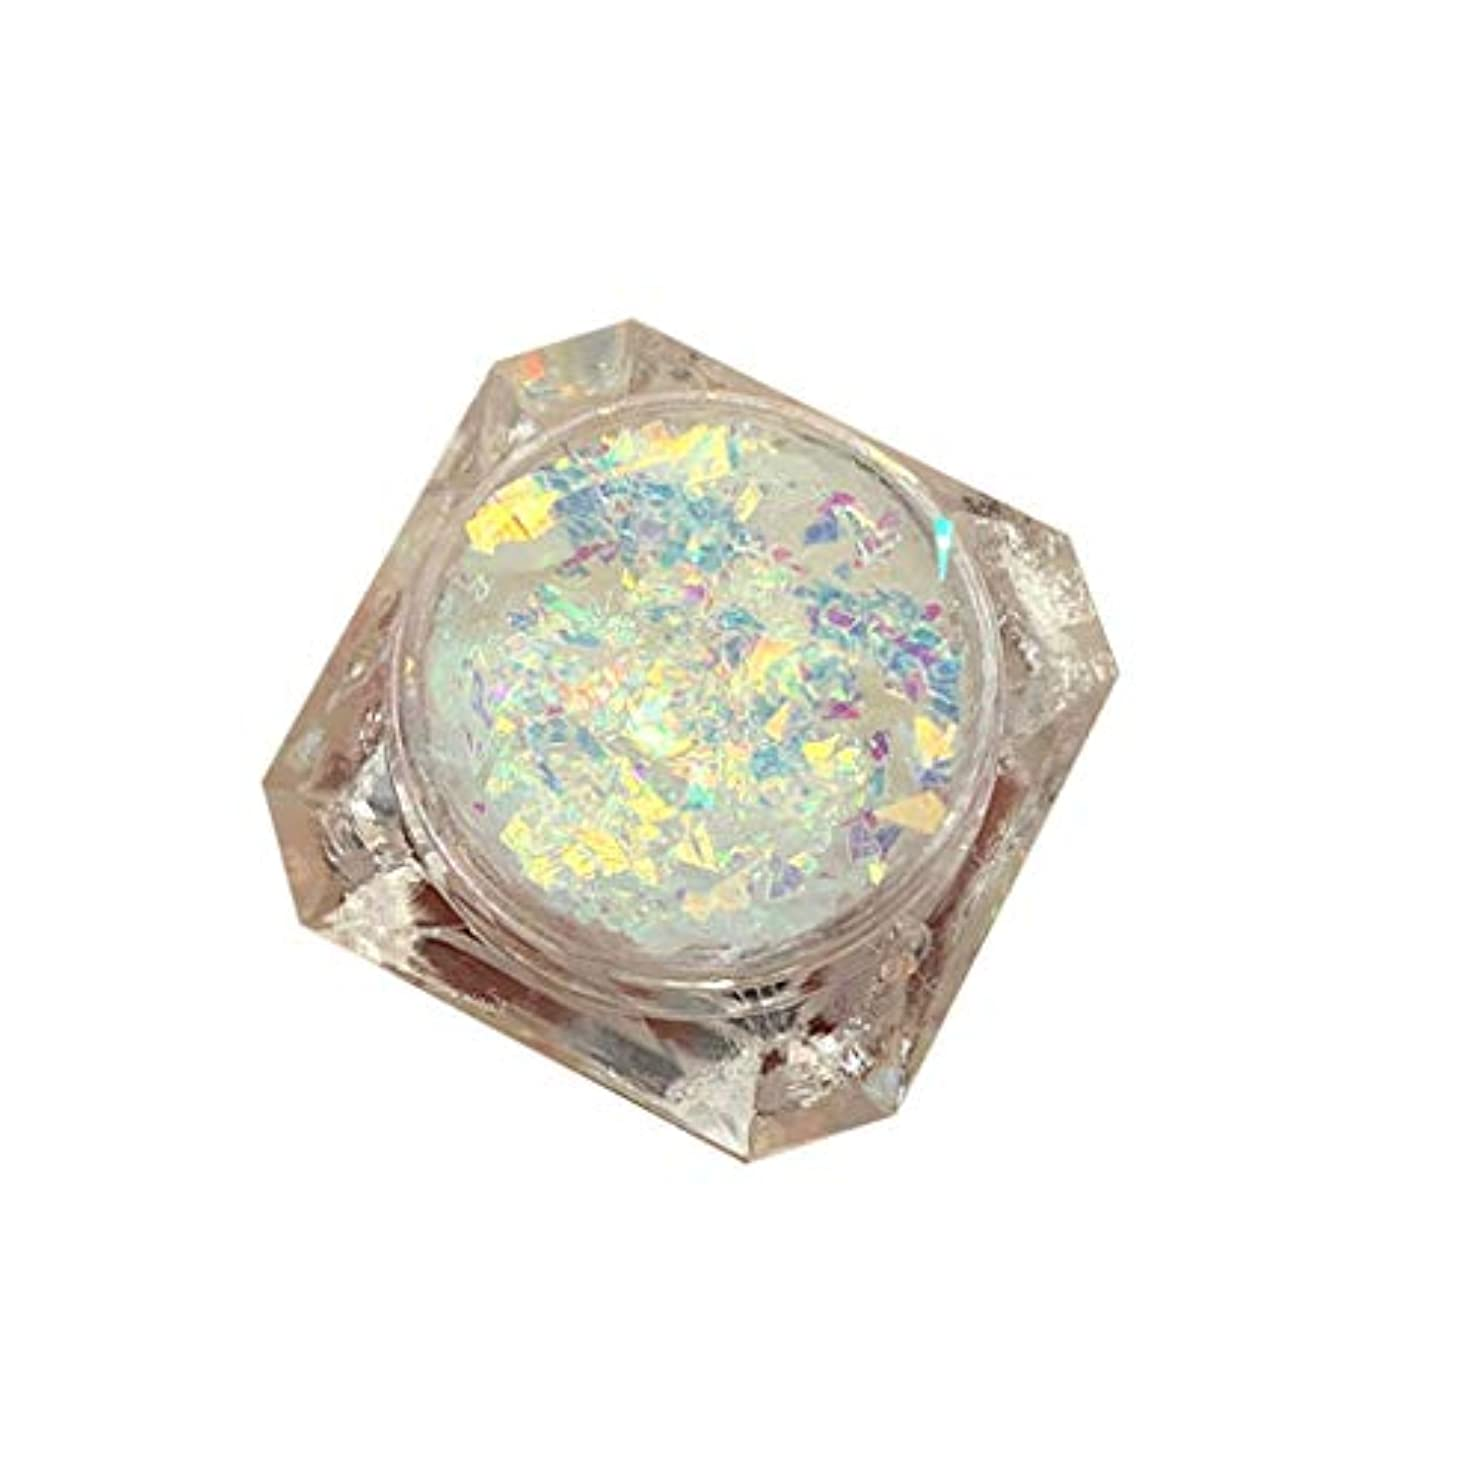 実り多い少し低いGOOD lask 接着剤フリーのスパンコール混合ゲルジェルクリーム真珠光沢のある高光沢グリッターグリッターアイパウダールースパウダージェルシャドウセット (N)